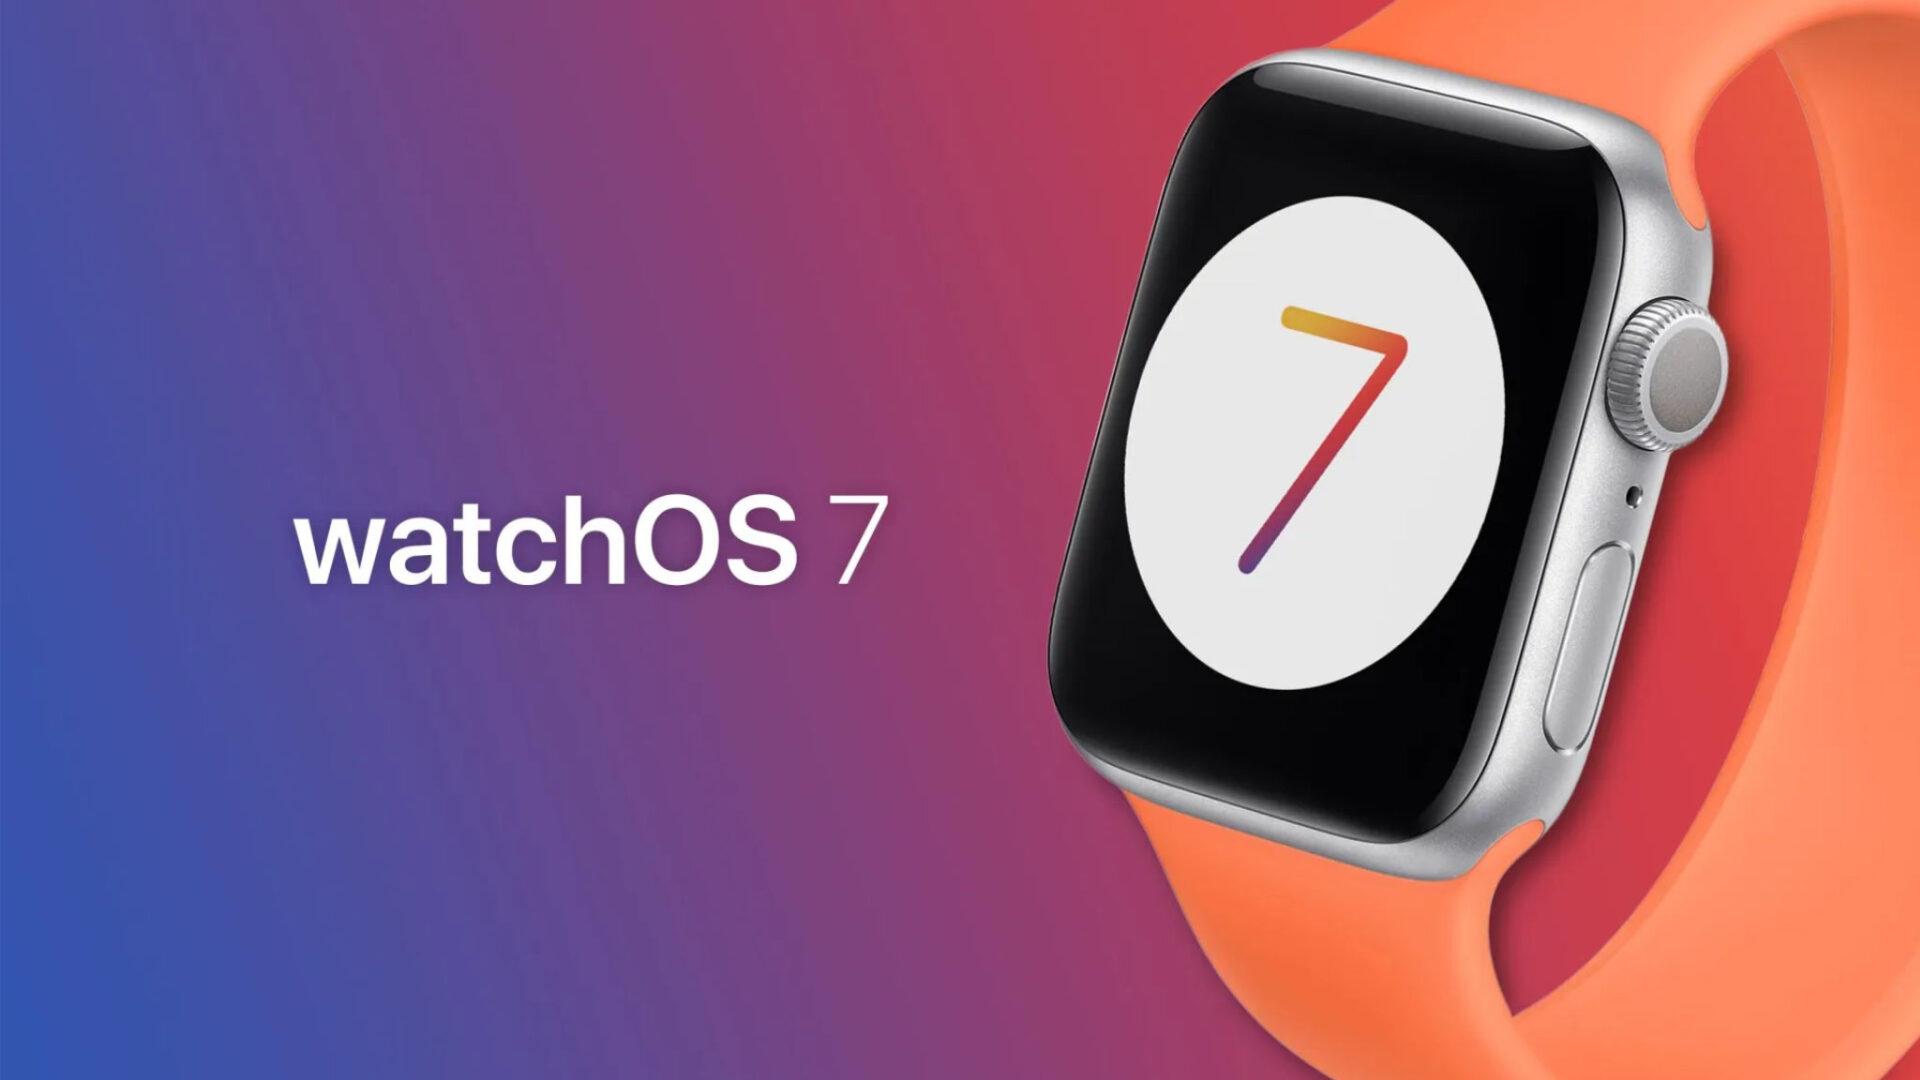 Apple phát hành watchOS 7.6.2 vá các lỗ hổng bảo mật